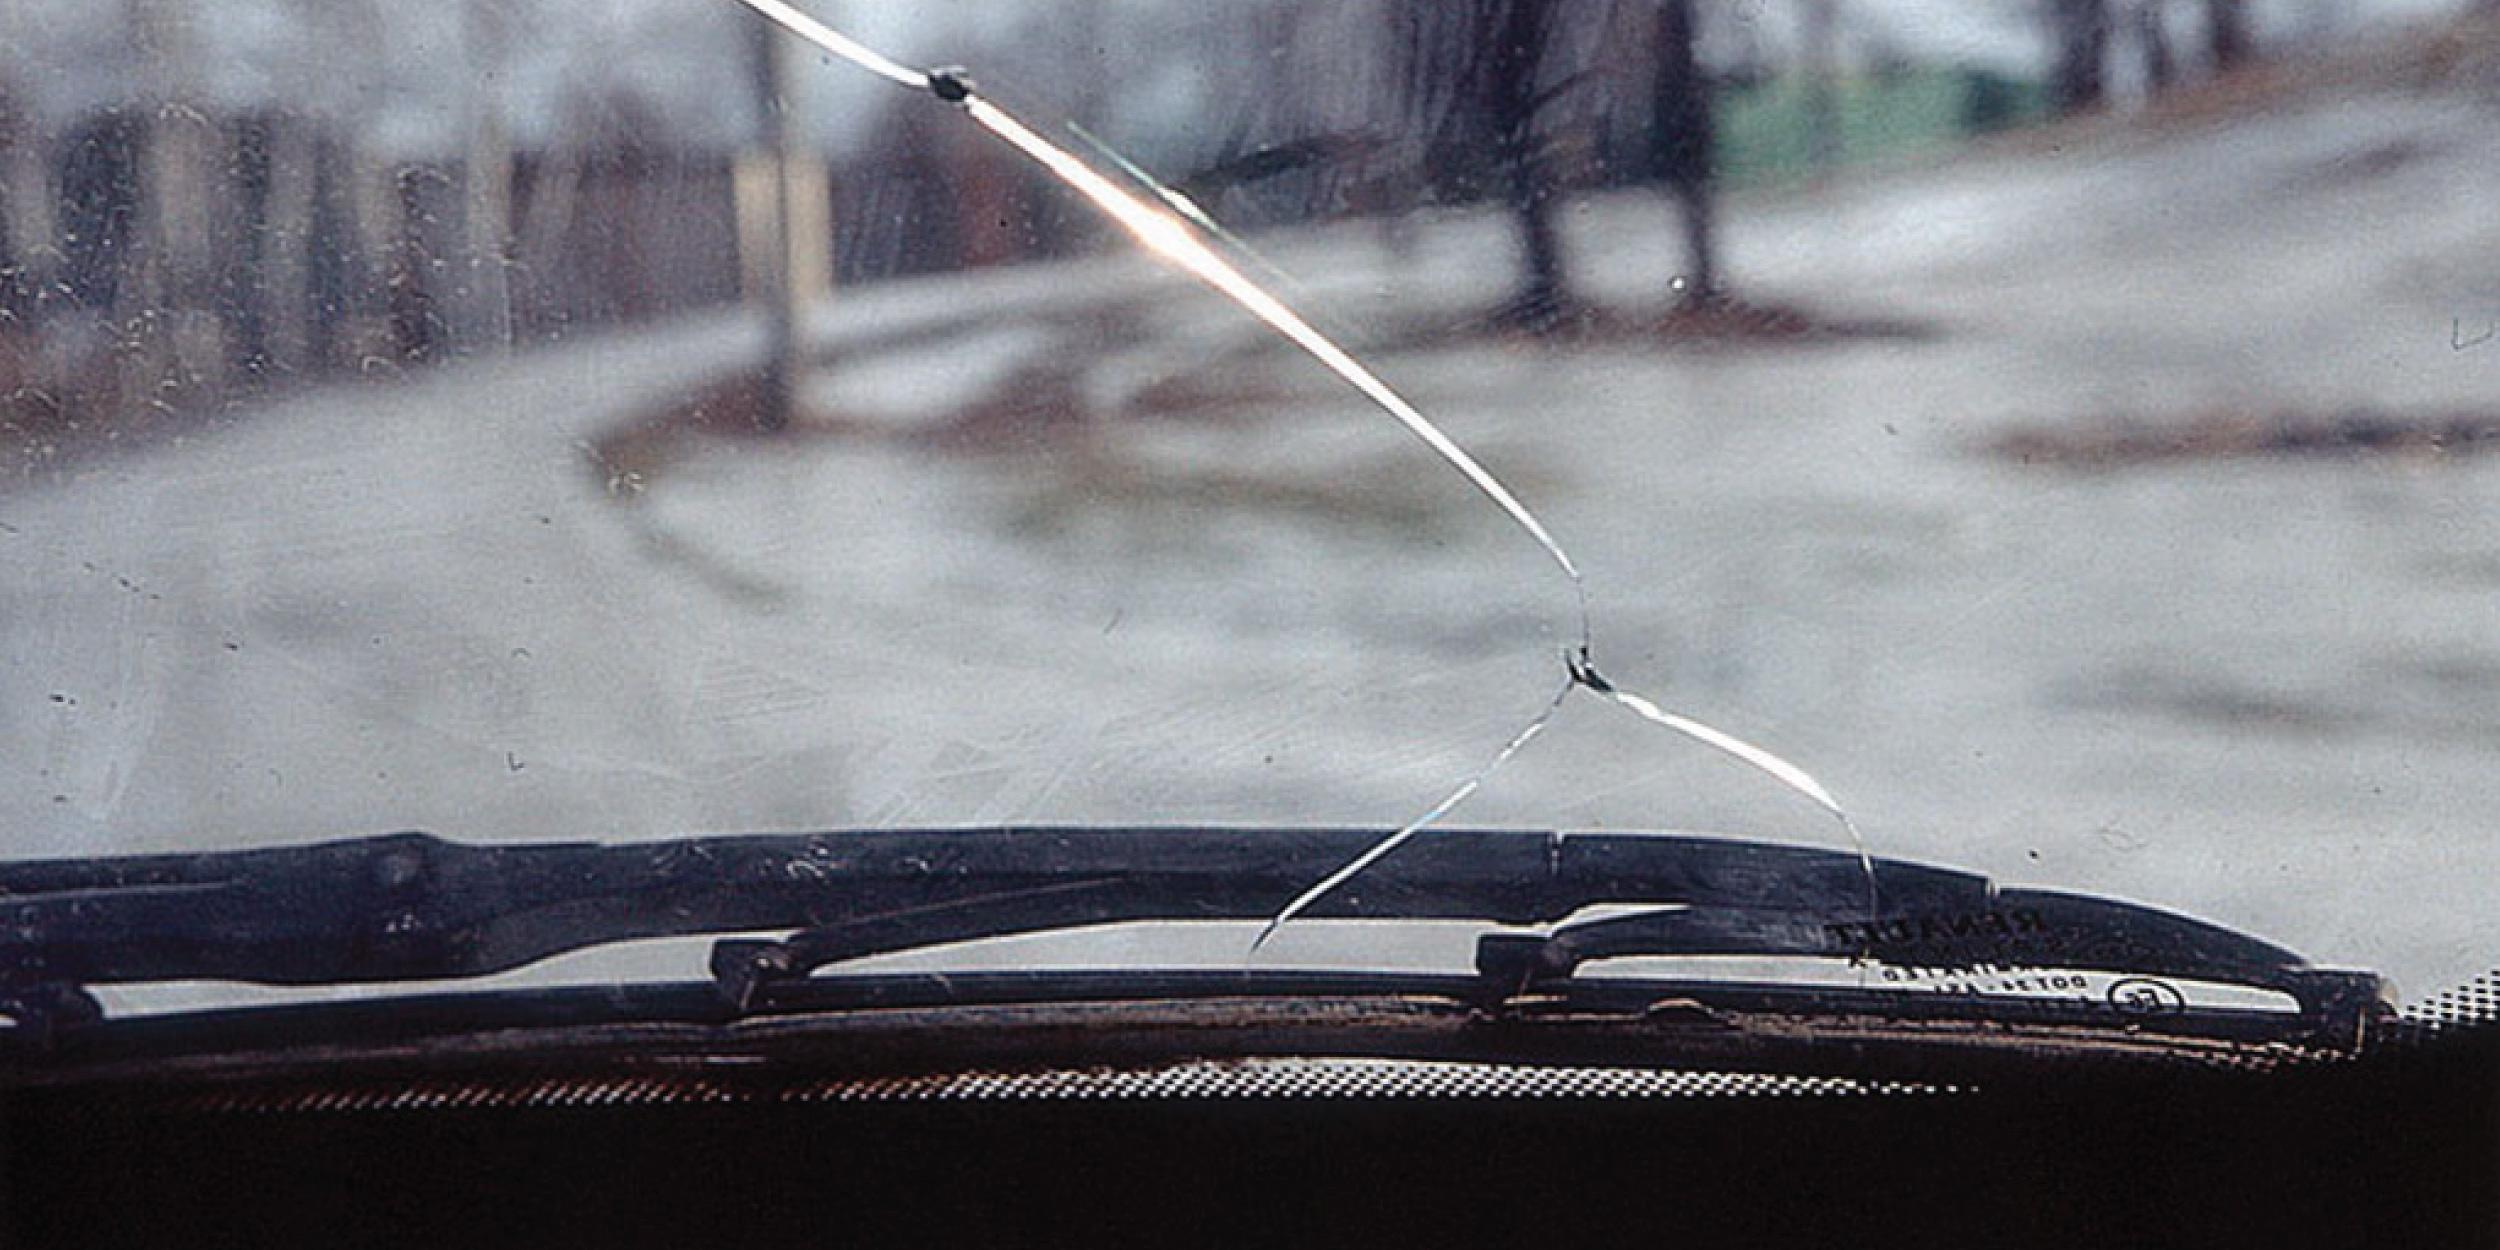 Заделать трещину лобового стекла своими руками фото 373